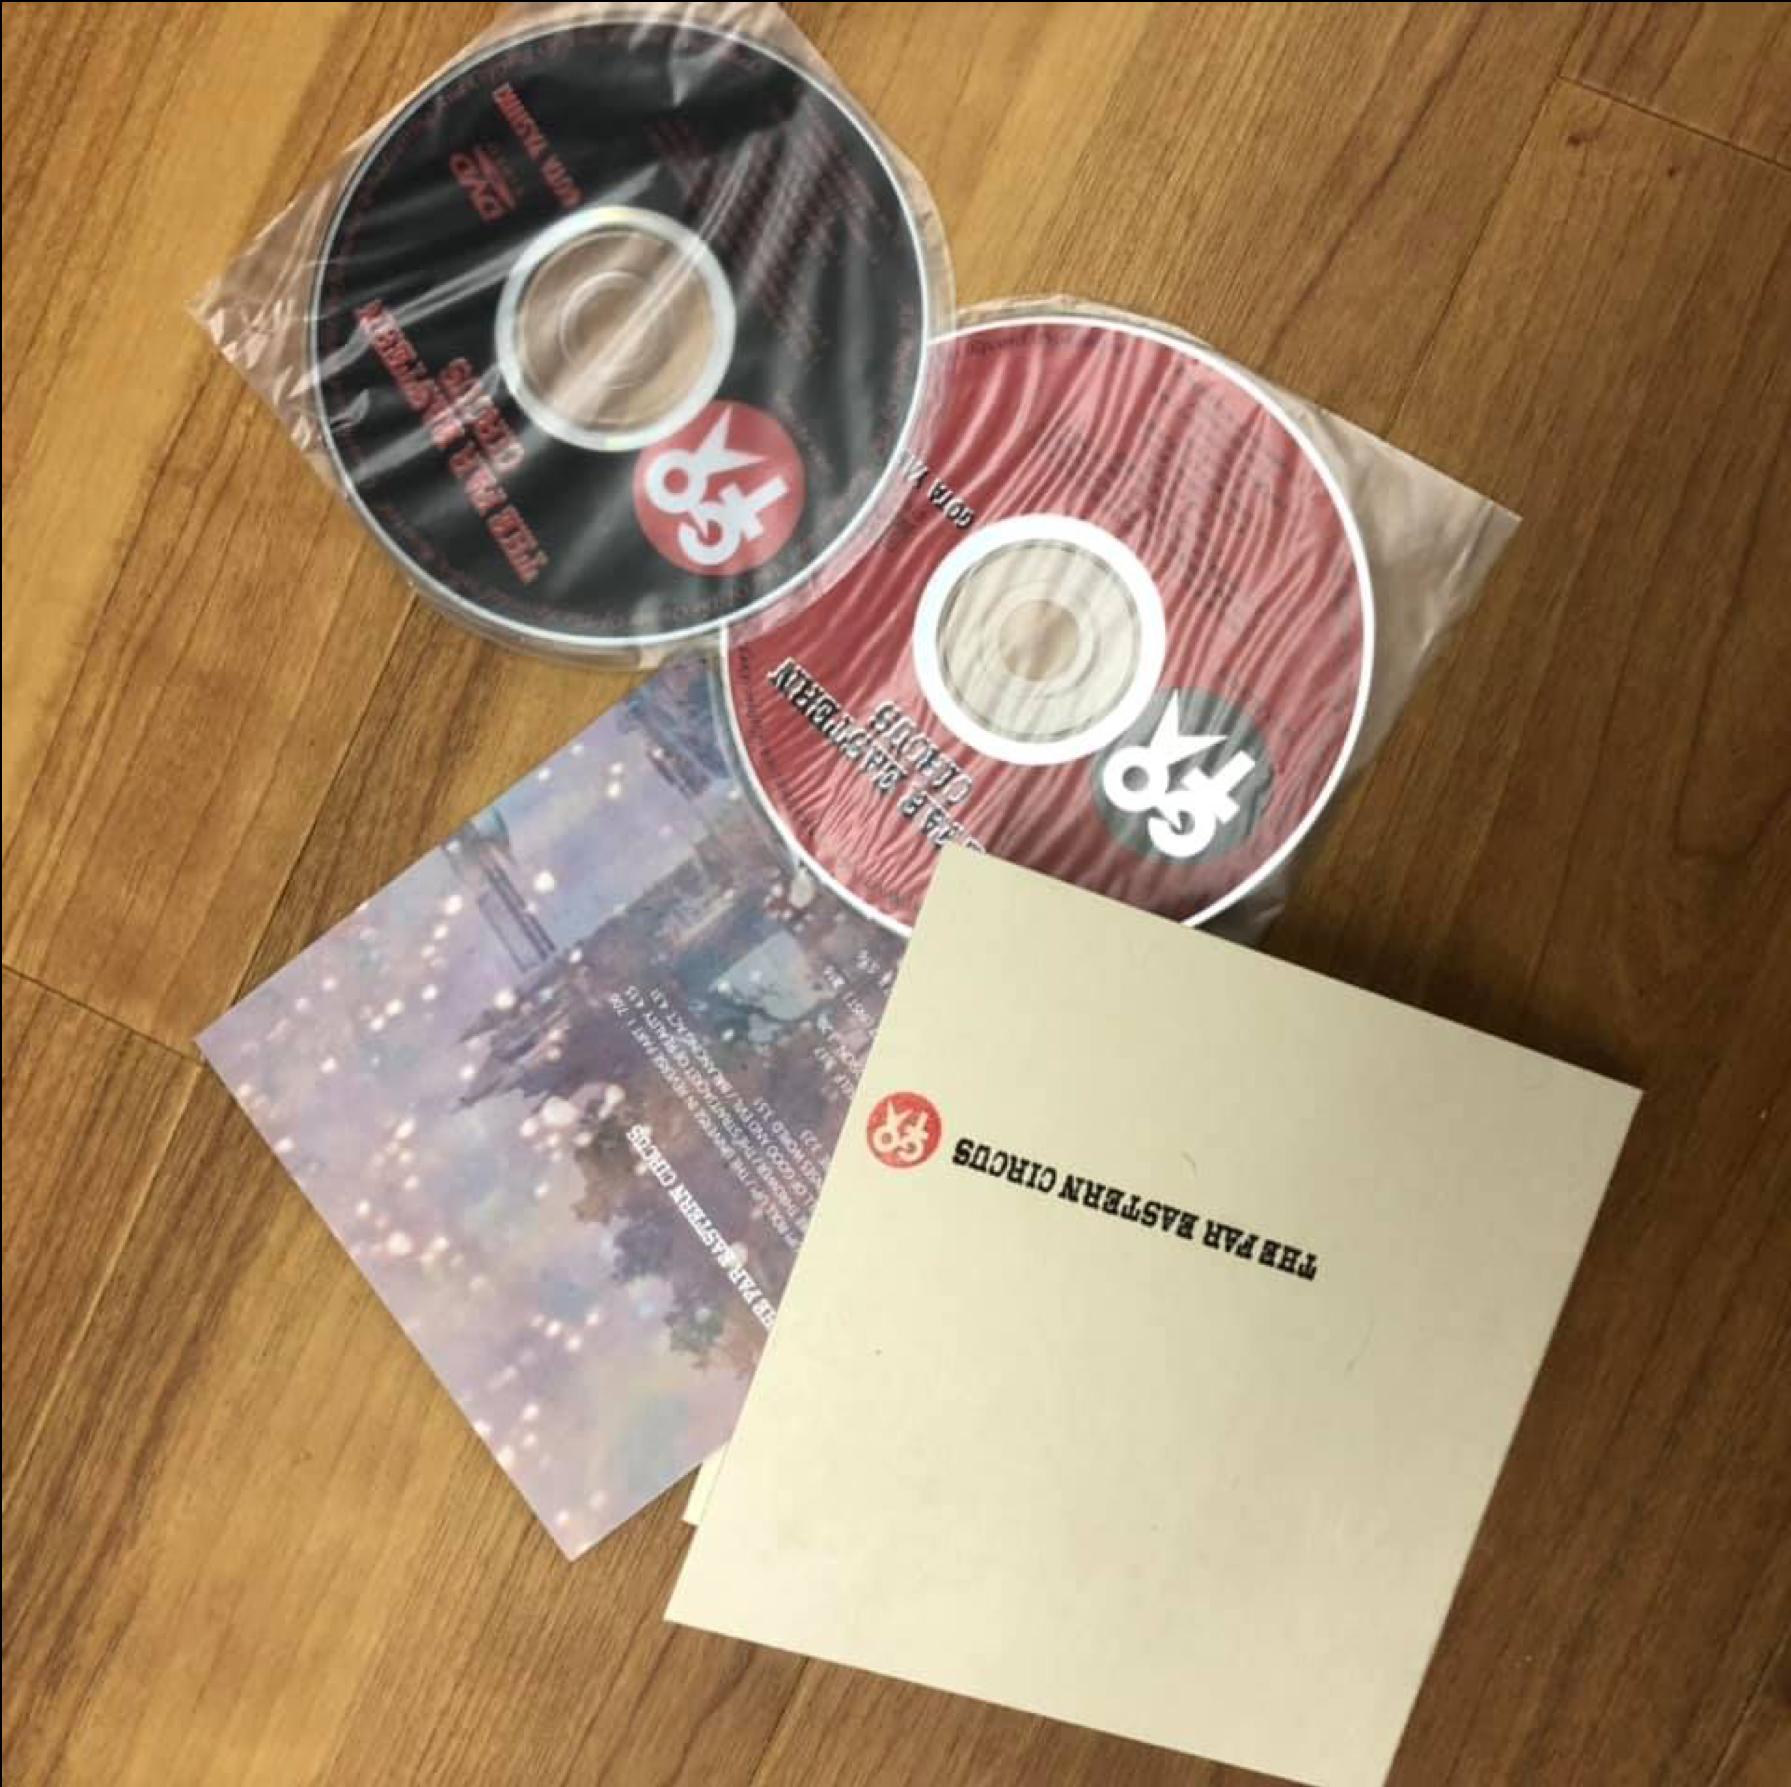 屋敷豪太さんのソロアルバム デザイン